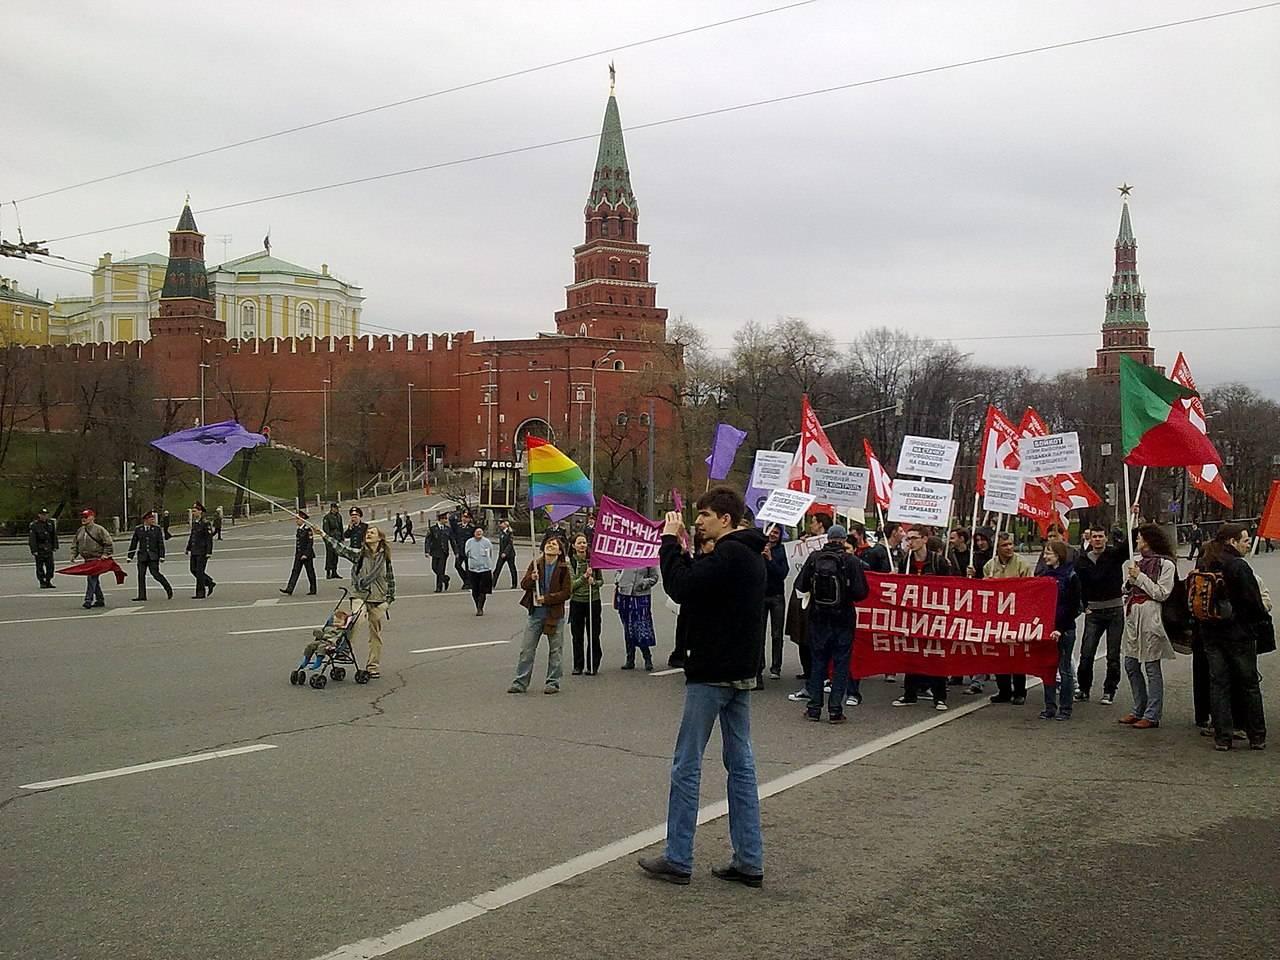 Колонна ЛевСД, КРИ, ЛГБТ, феминисток на первомайском шествии 2011 года. Москва